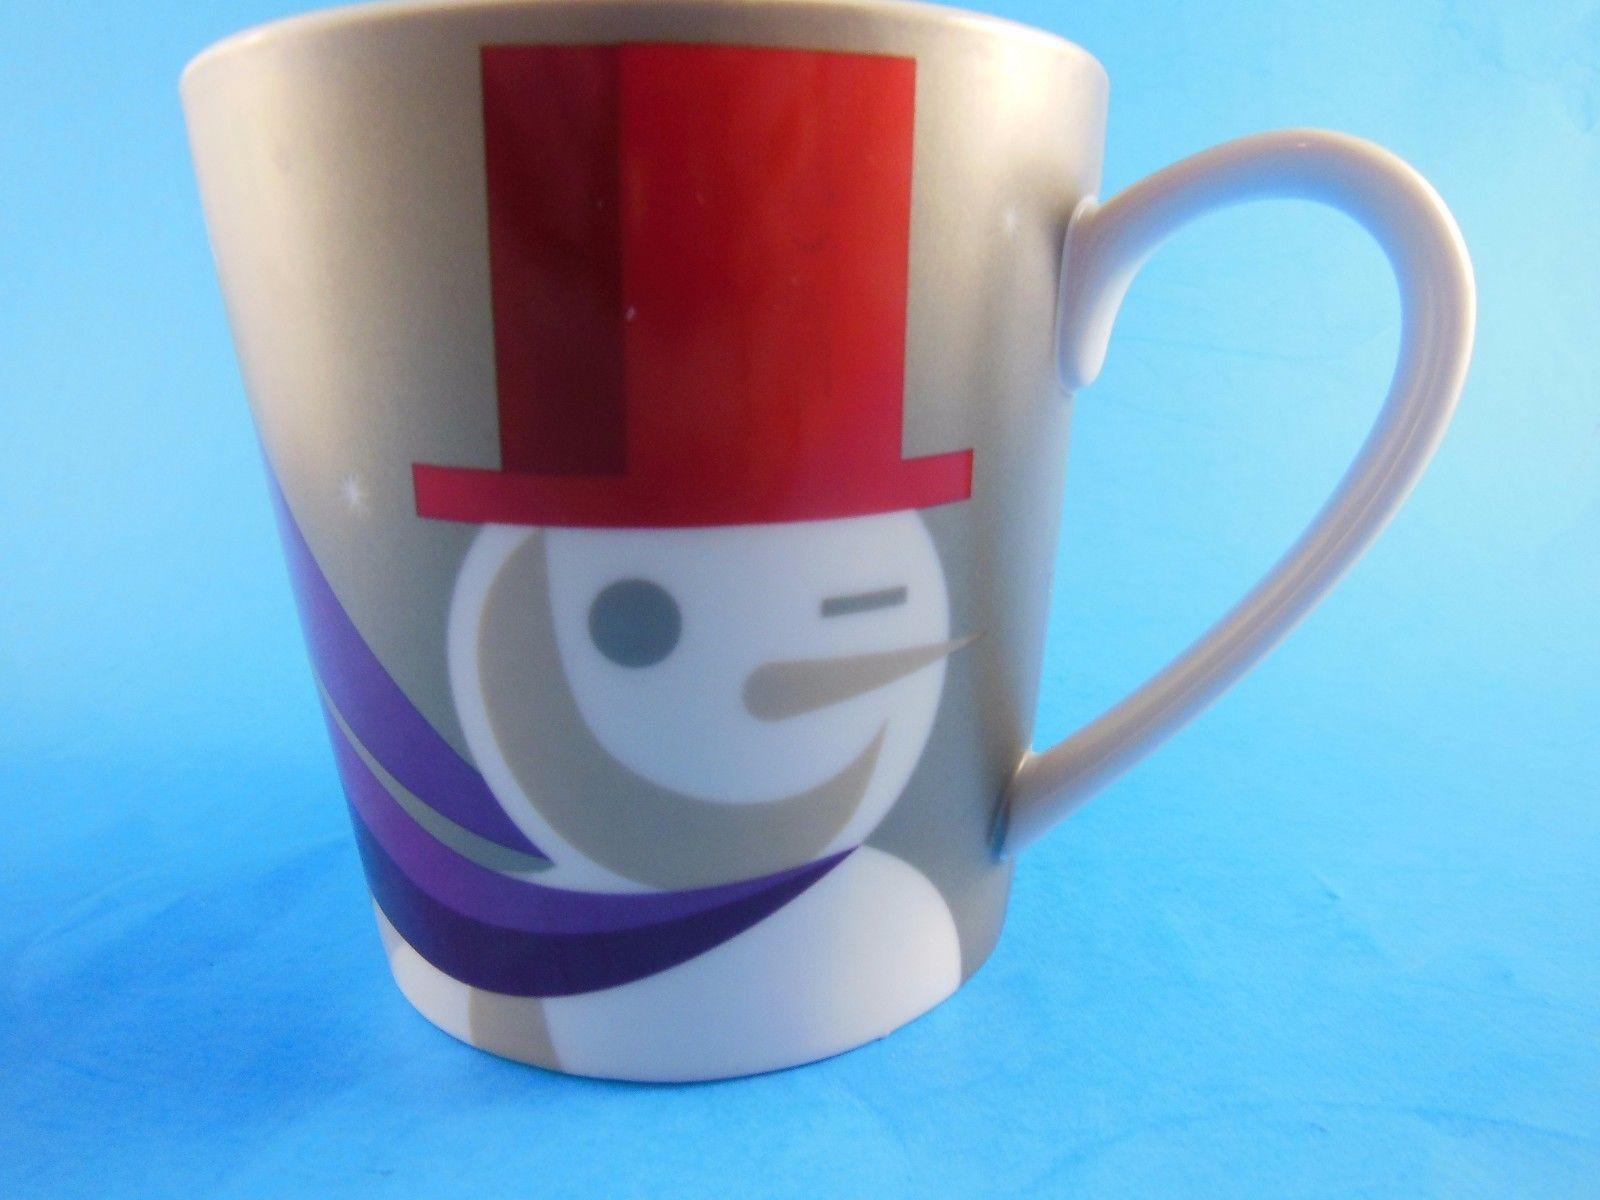 Starbucks 2011 Christmas Coffee Mug When and 50 similar items